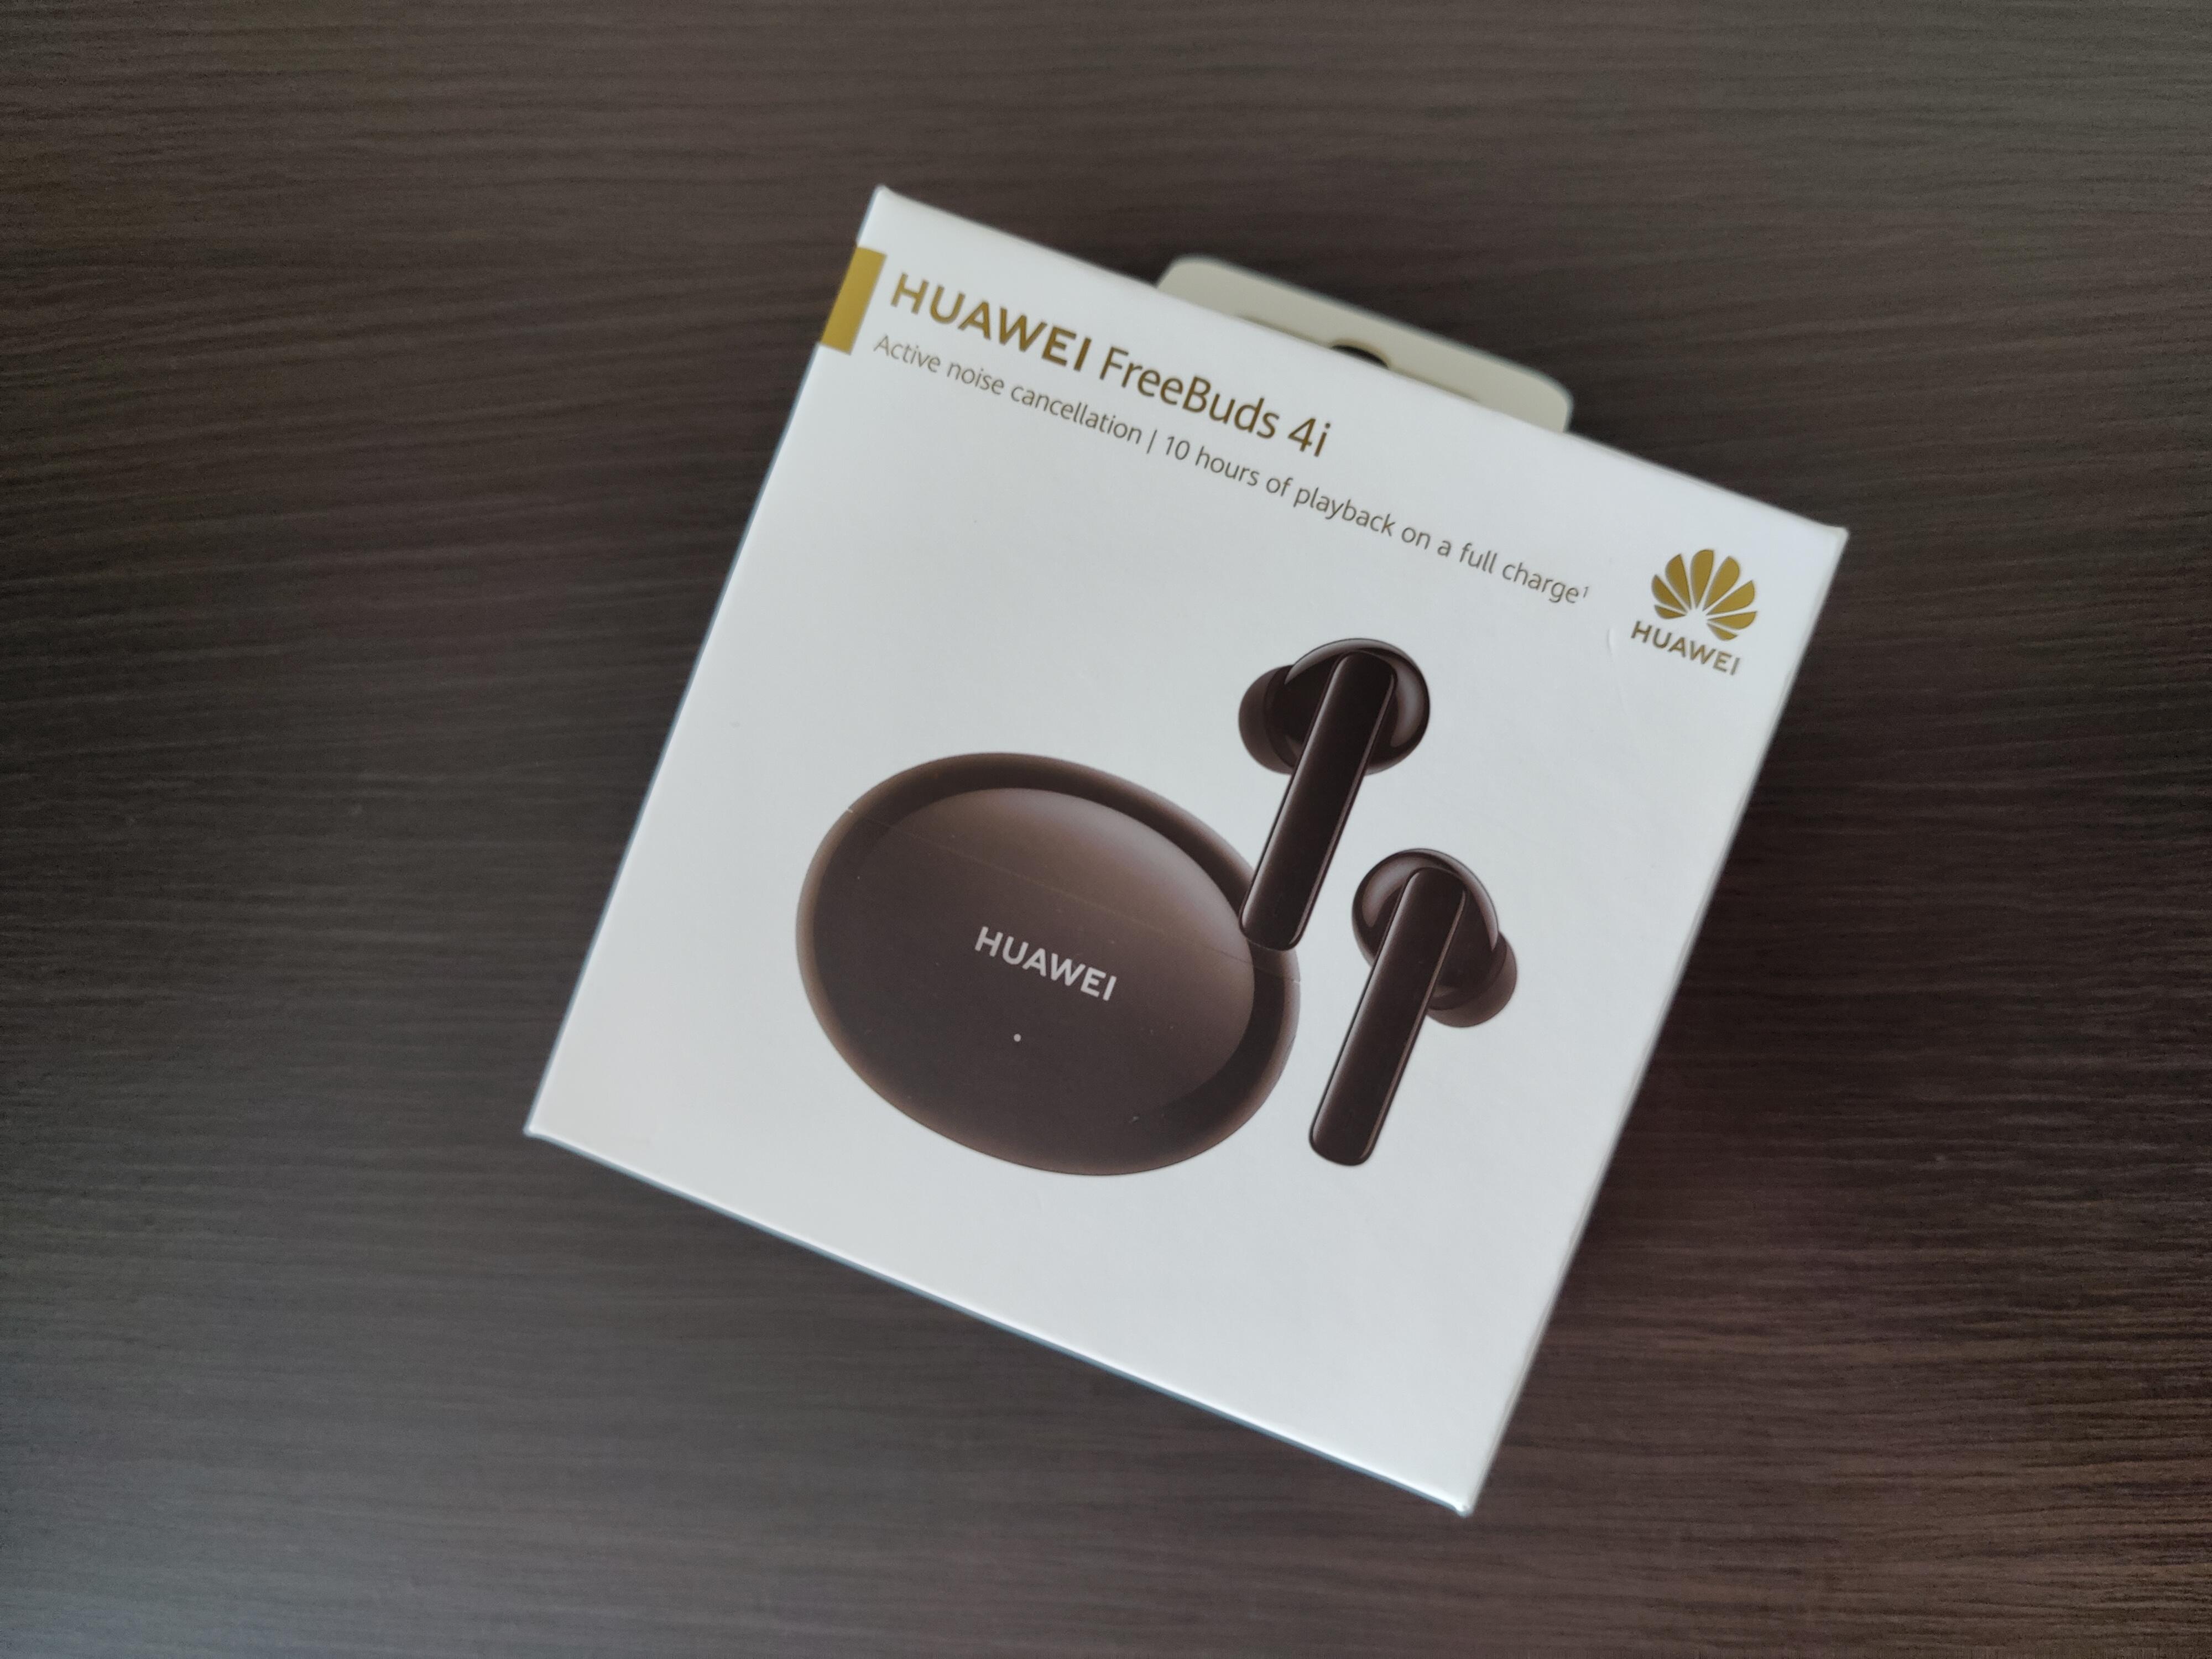 Recenzja Huawei Freebuds 4i - fot. Tabletowo - Pudełko